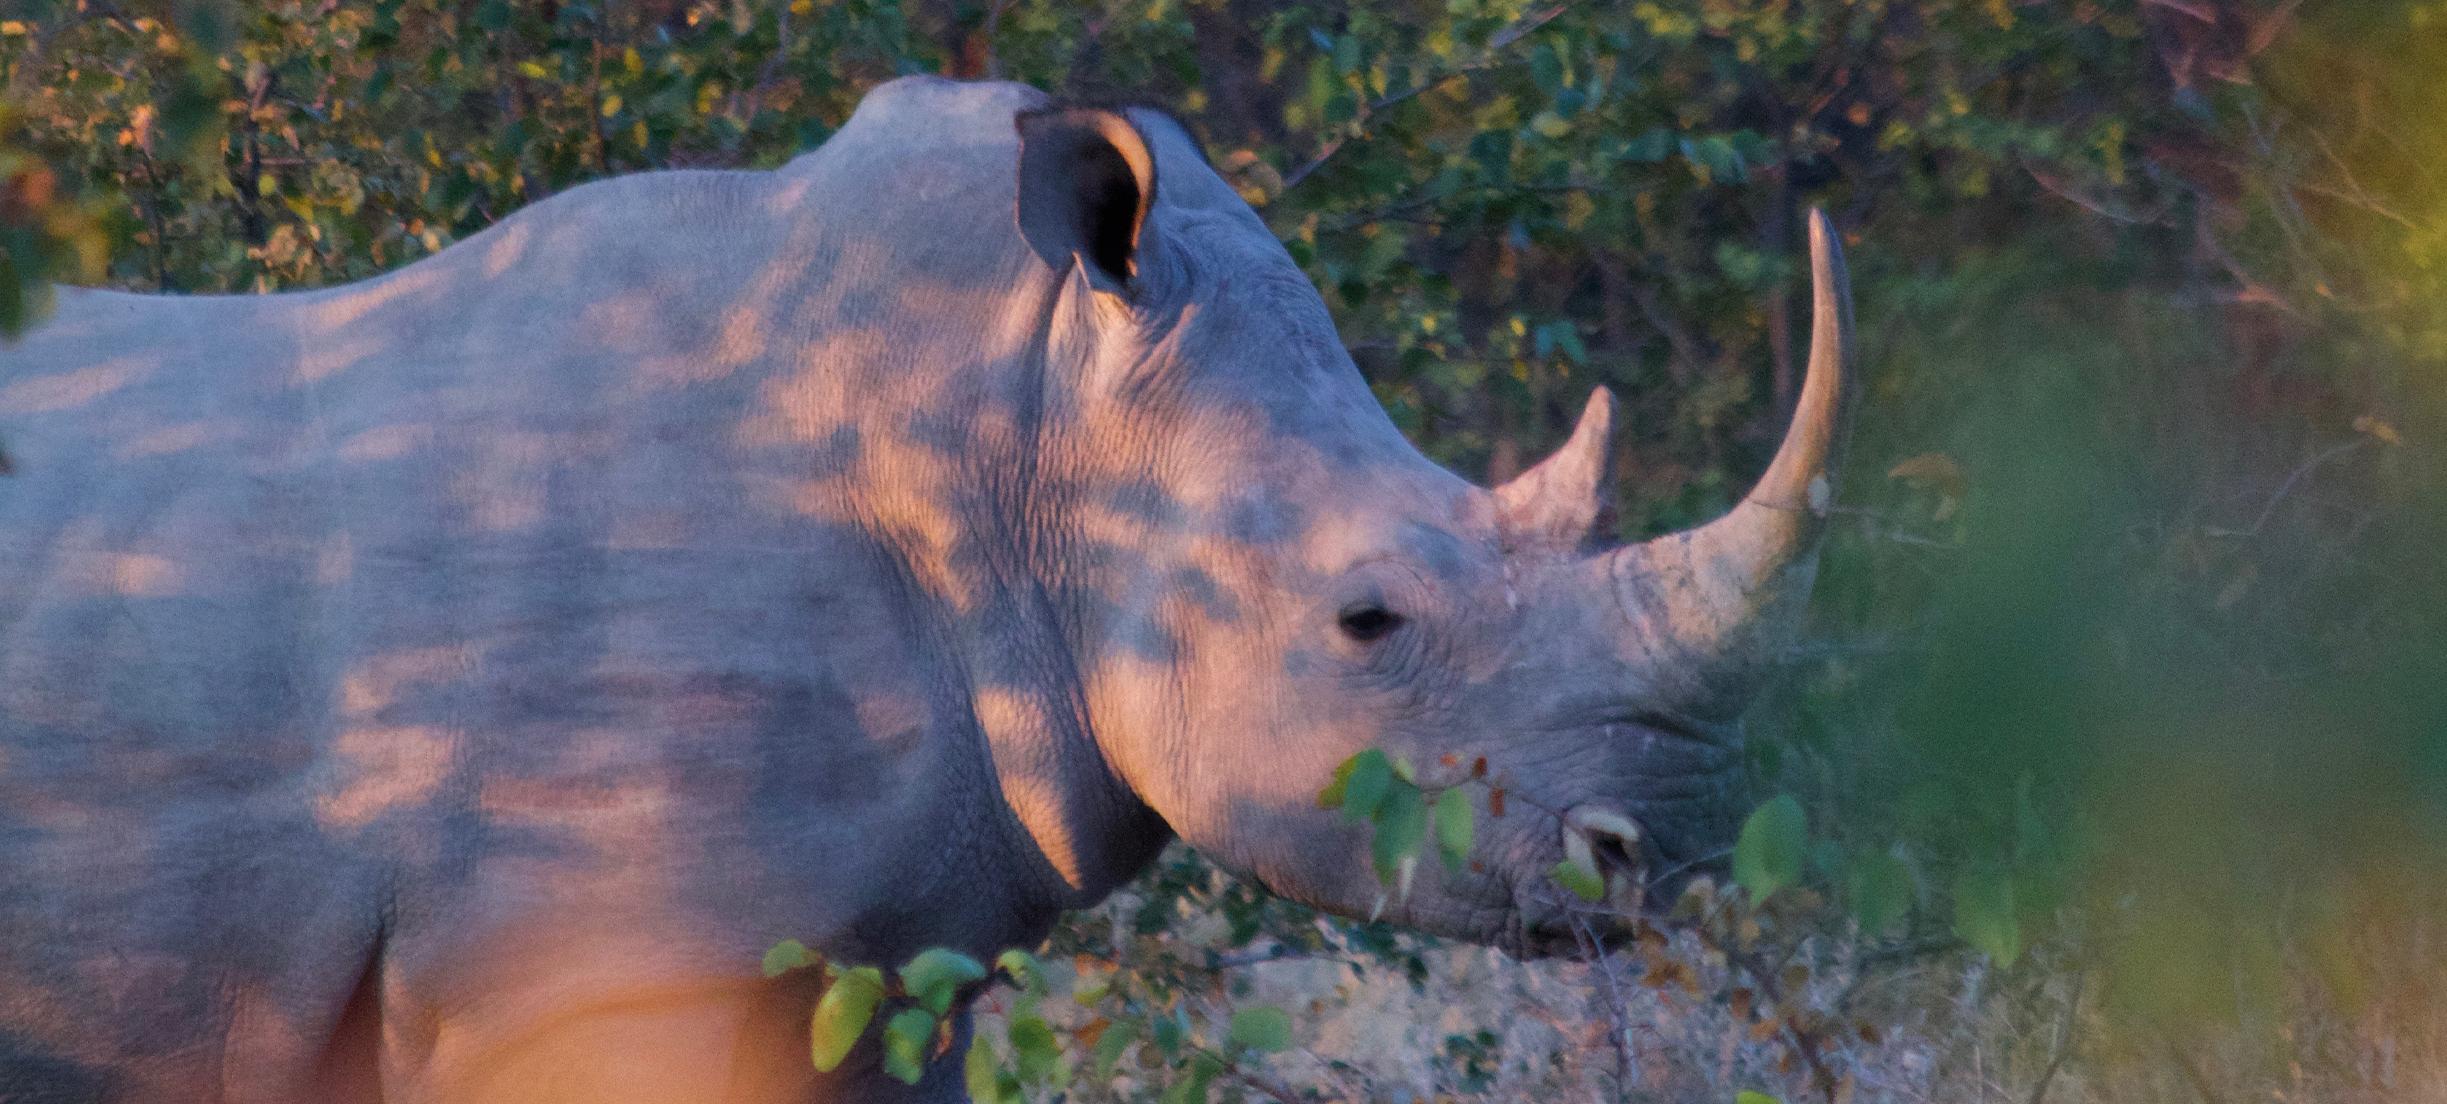 De dag in vooruitgang: Afname gestroopte neushoorns – en meer nieuws